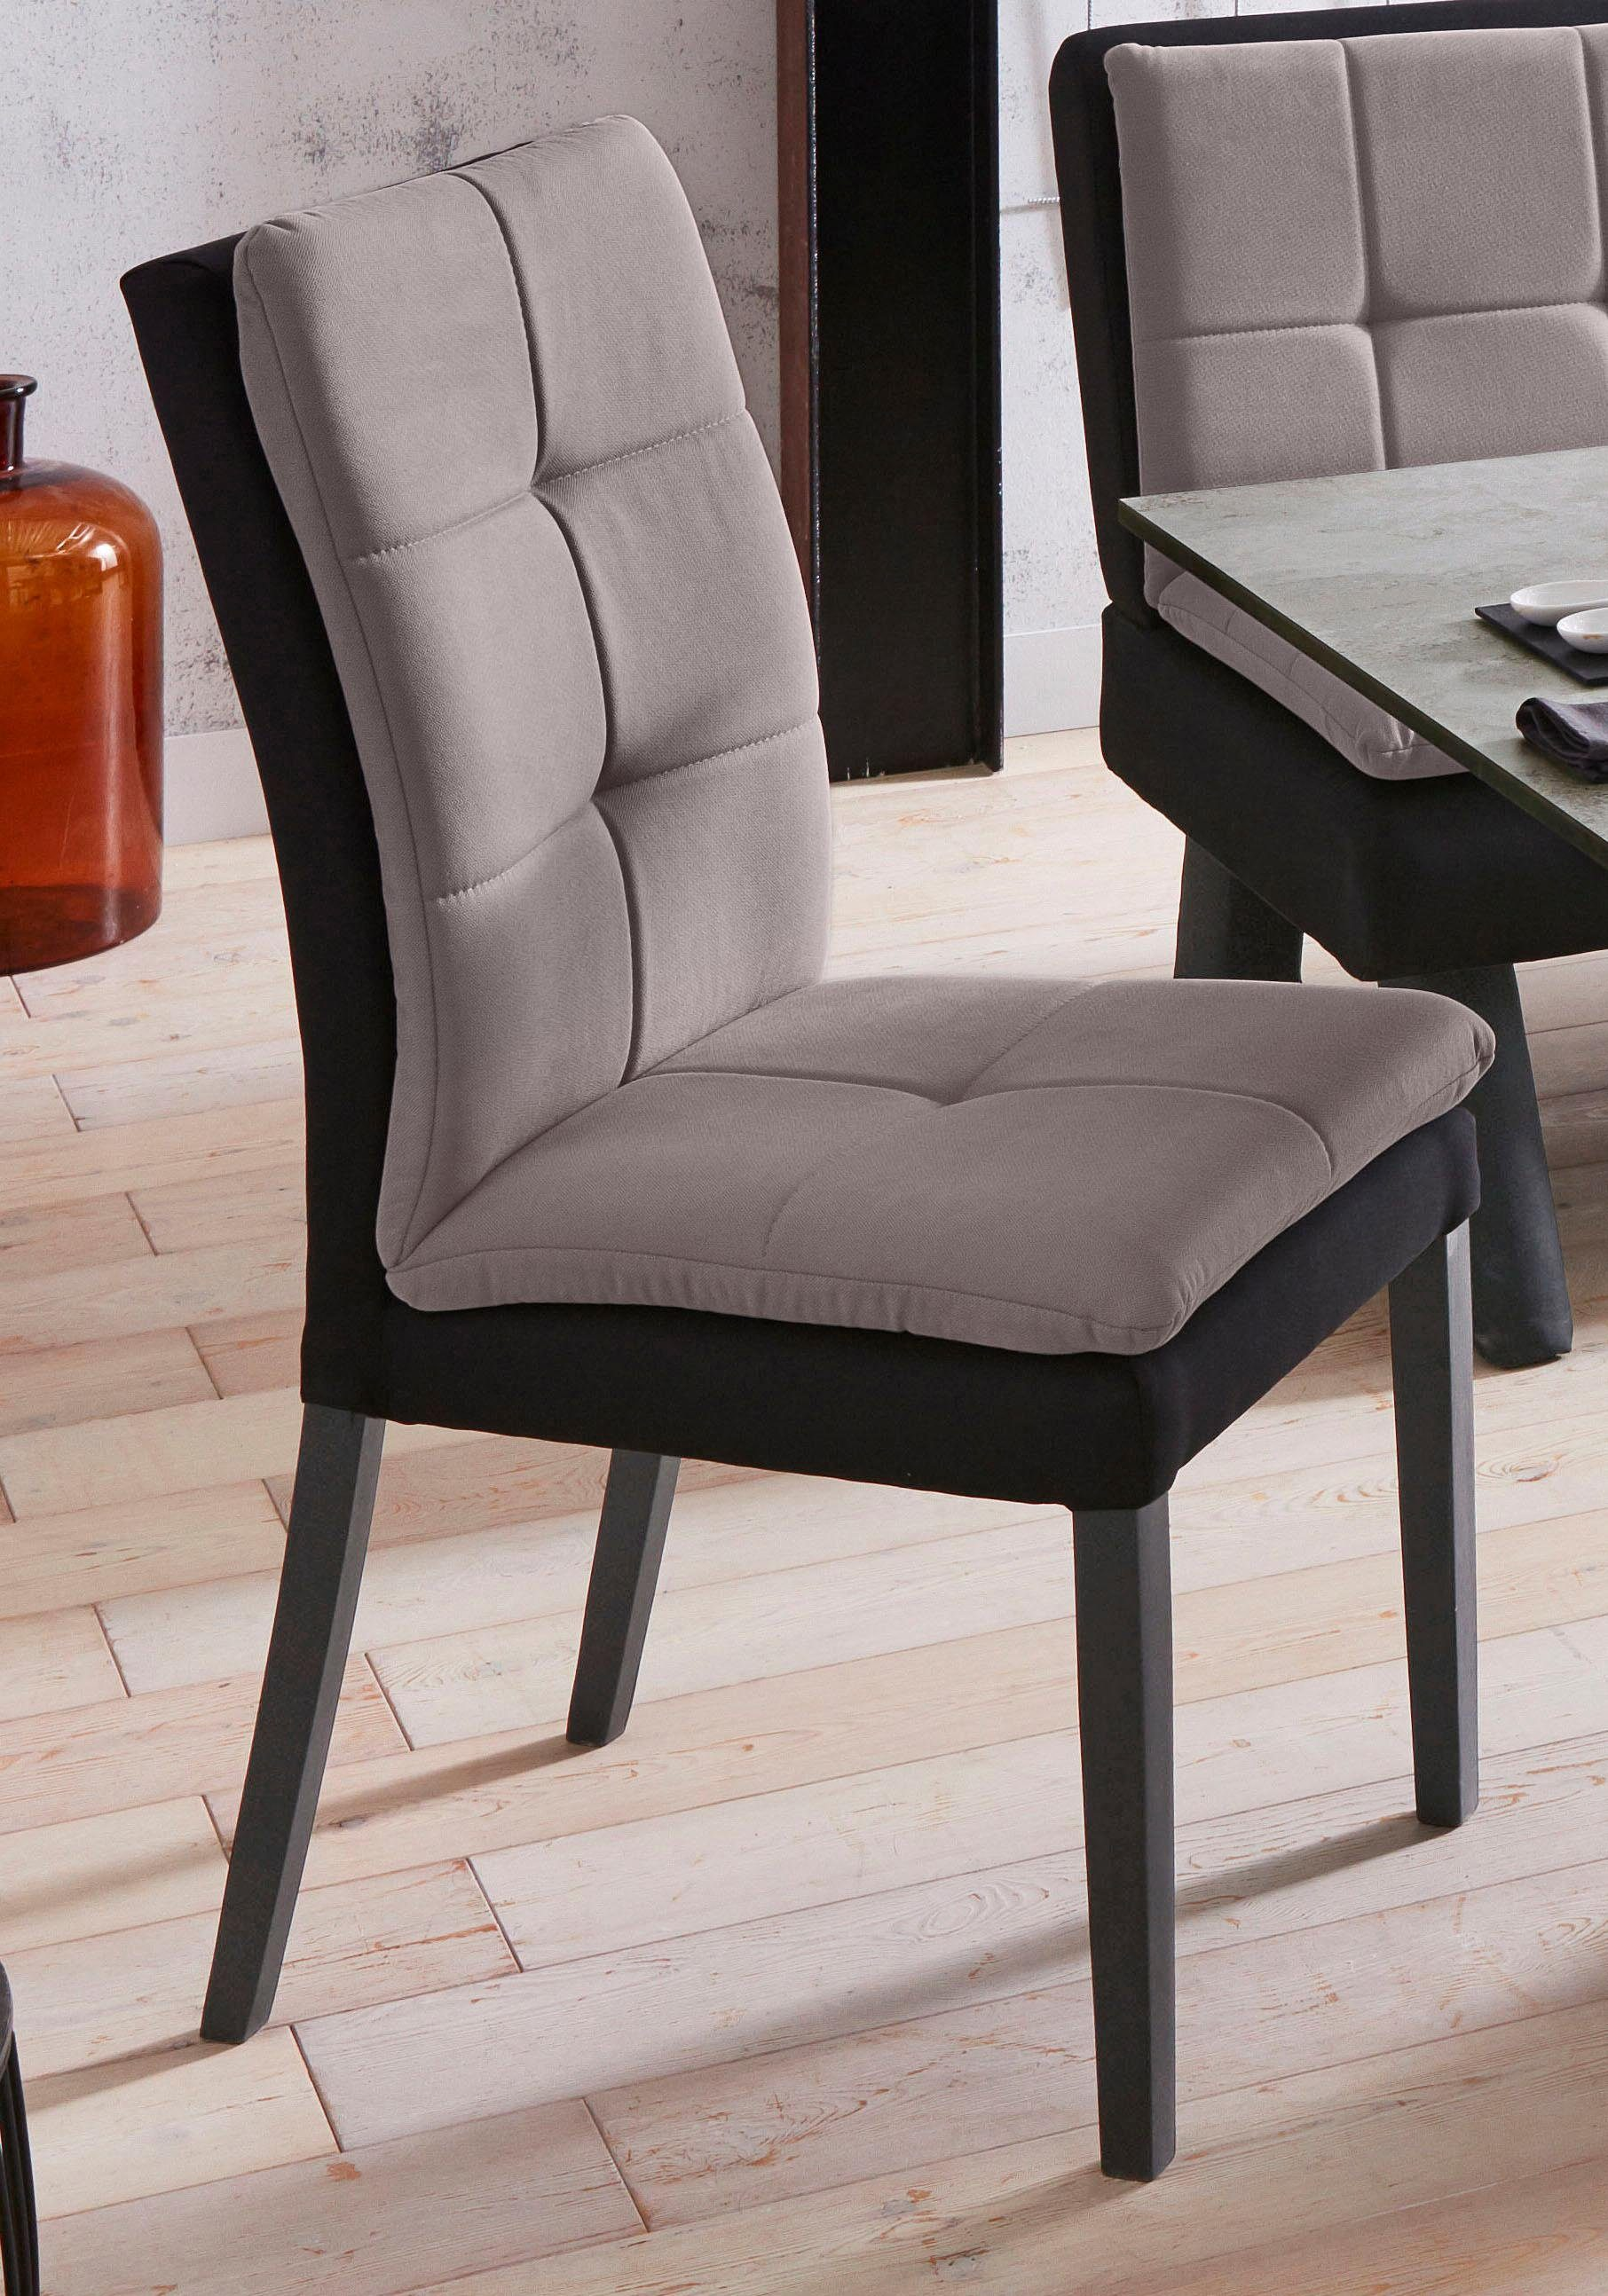 4 Fußstuhl »Anders Premium«, Sitz und Rücken gepolstert online kaufen | OTTO